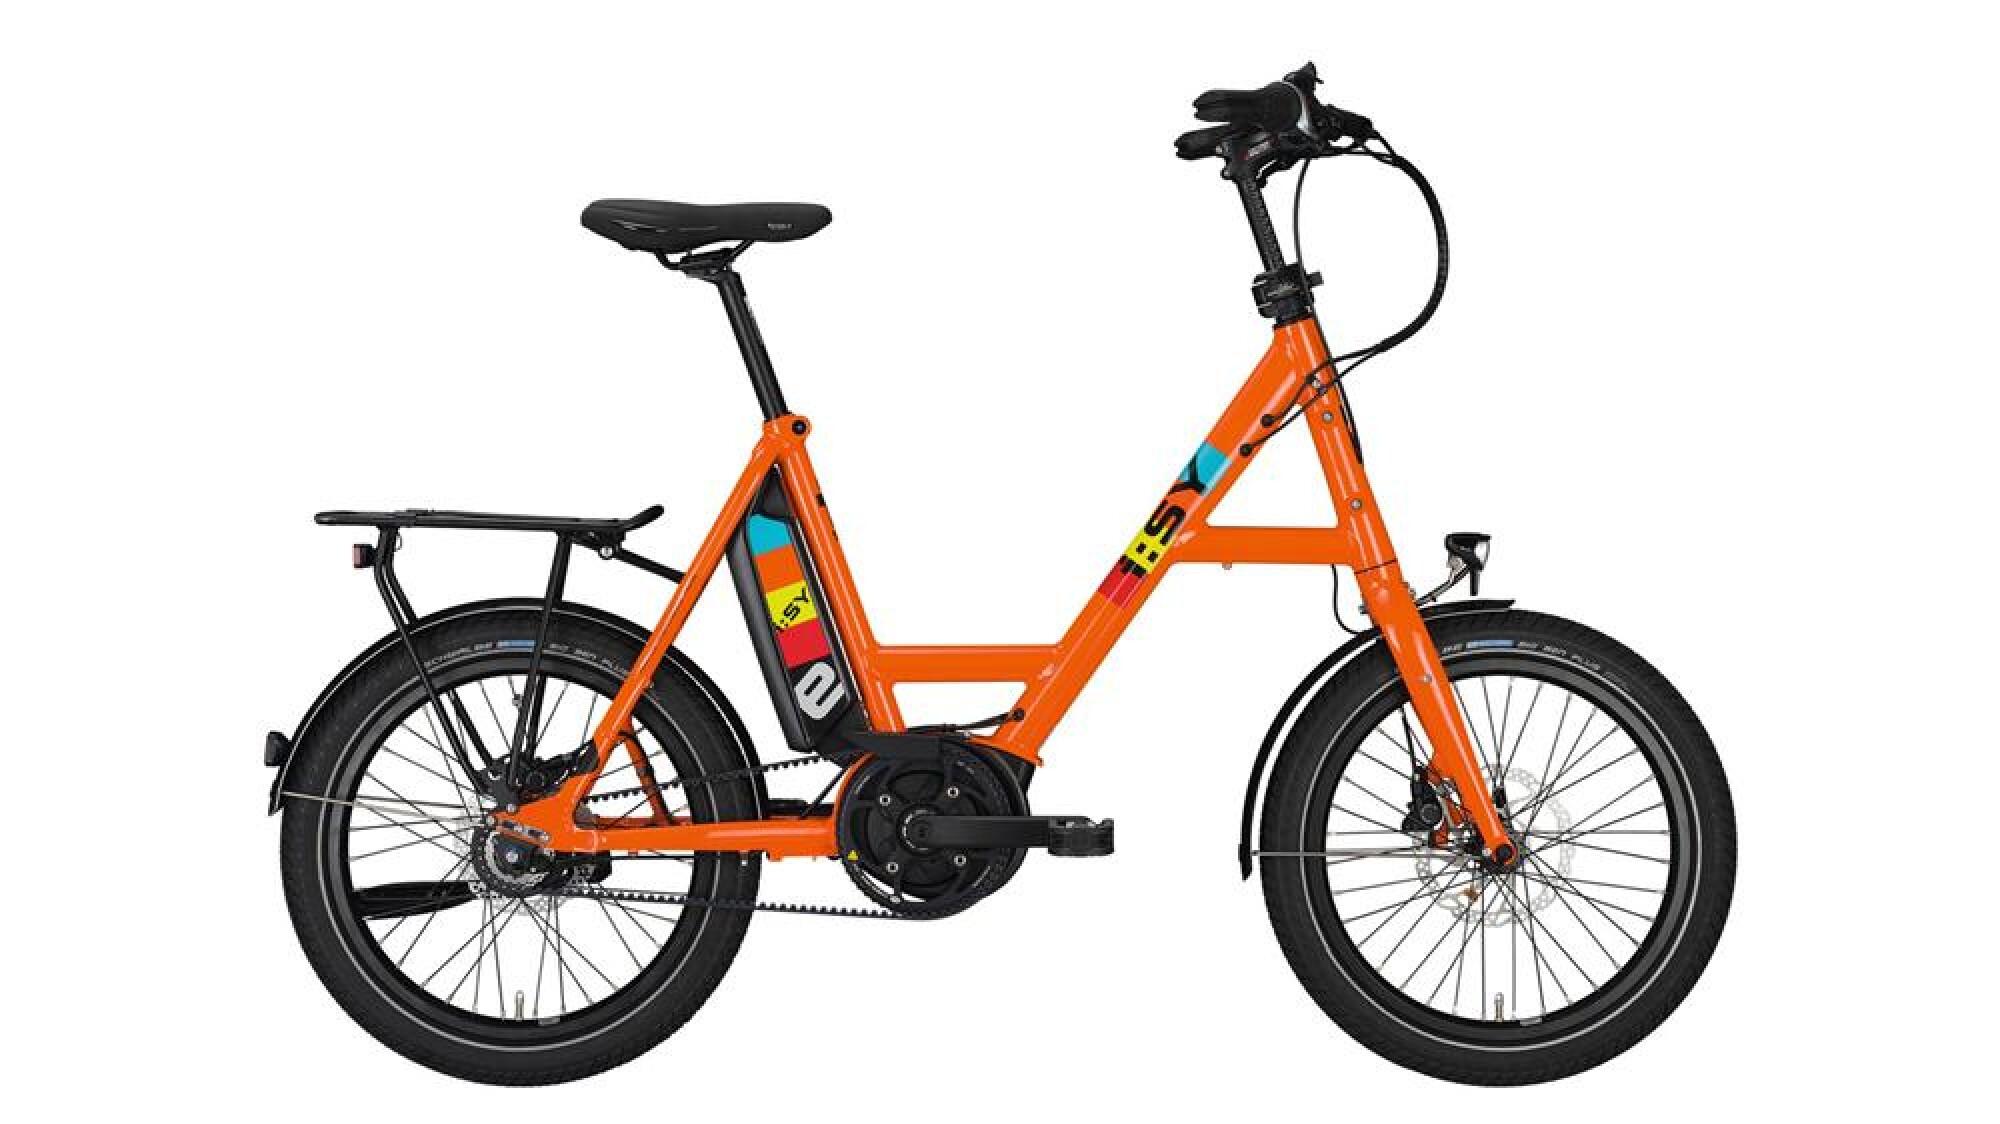 e bike i sy drive s8 zr 2018 bei alle details. Black Bedroom Furniture Sets. Home Design Ideas